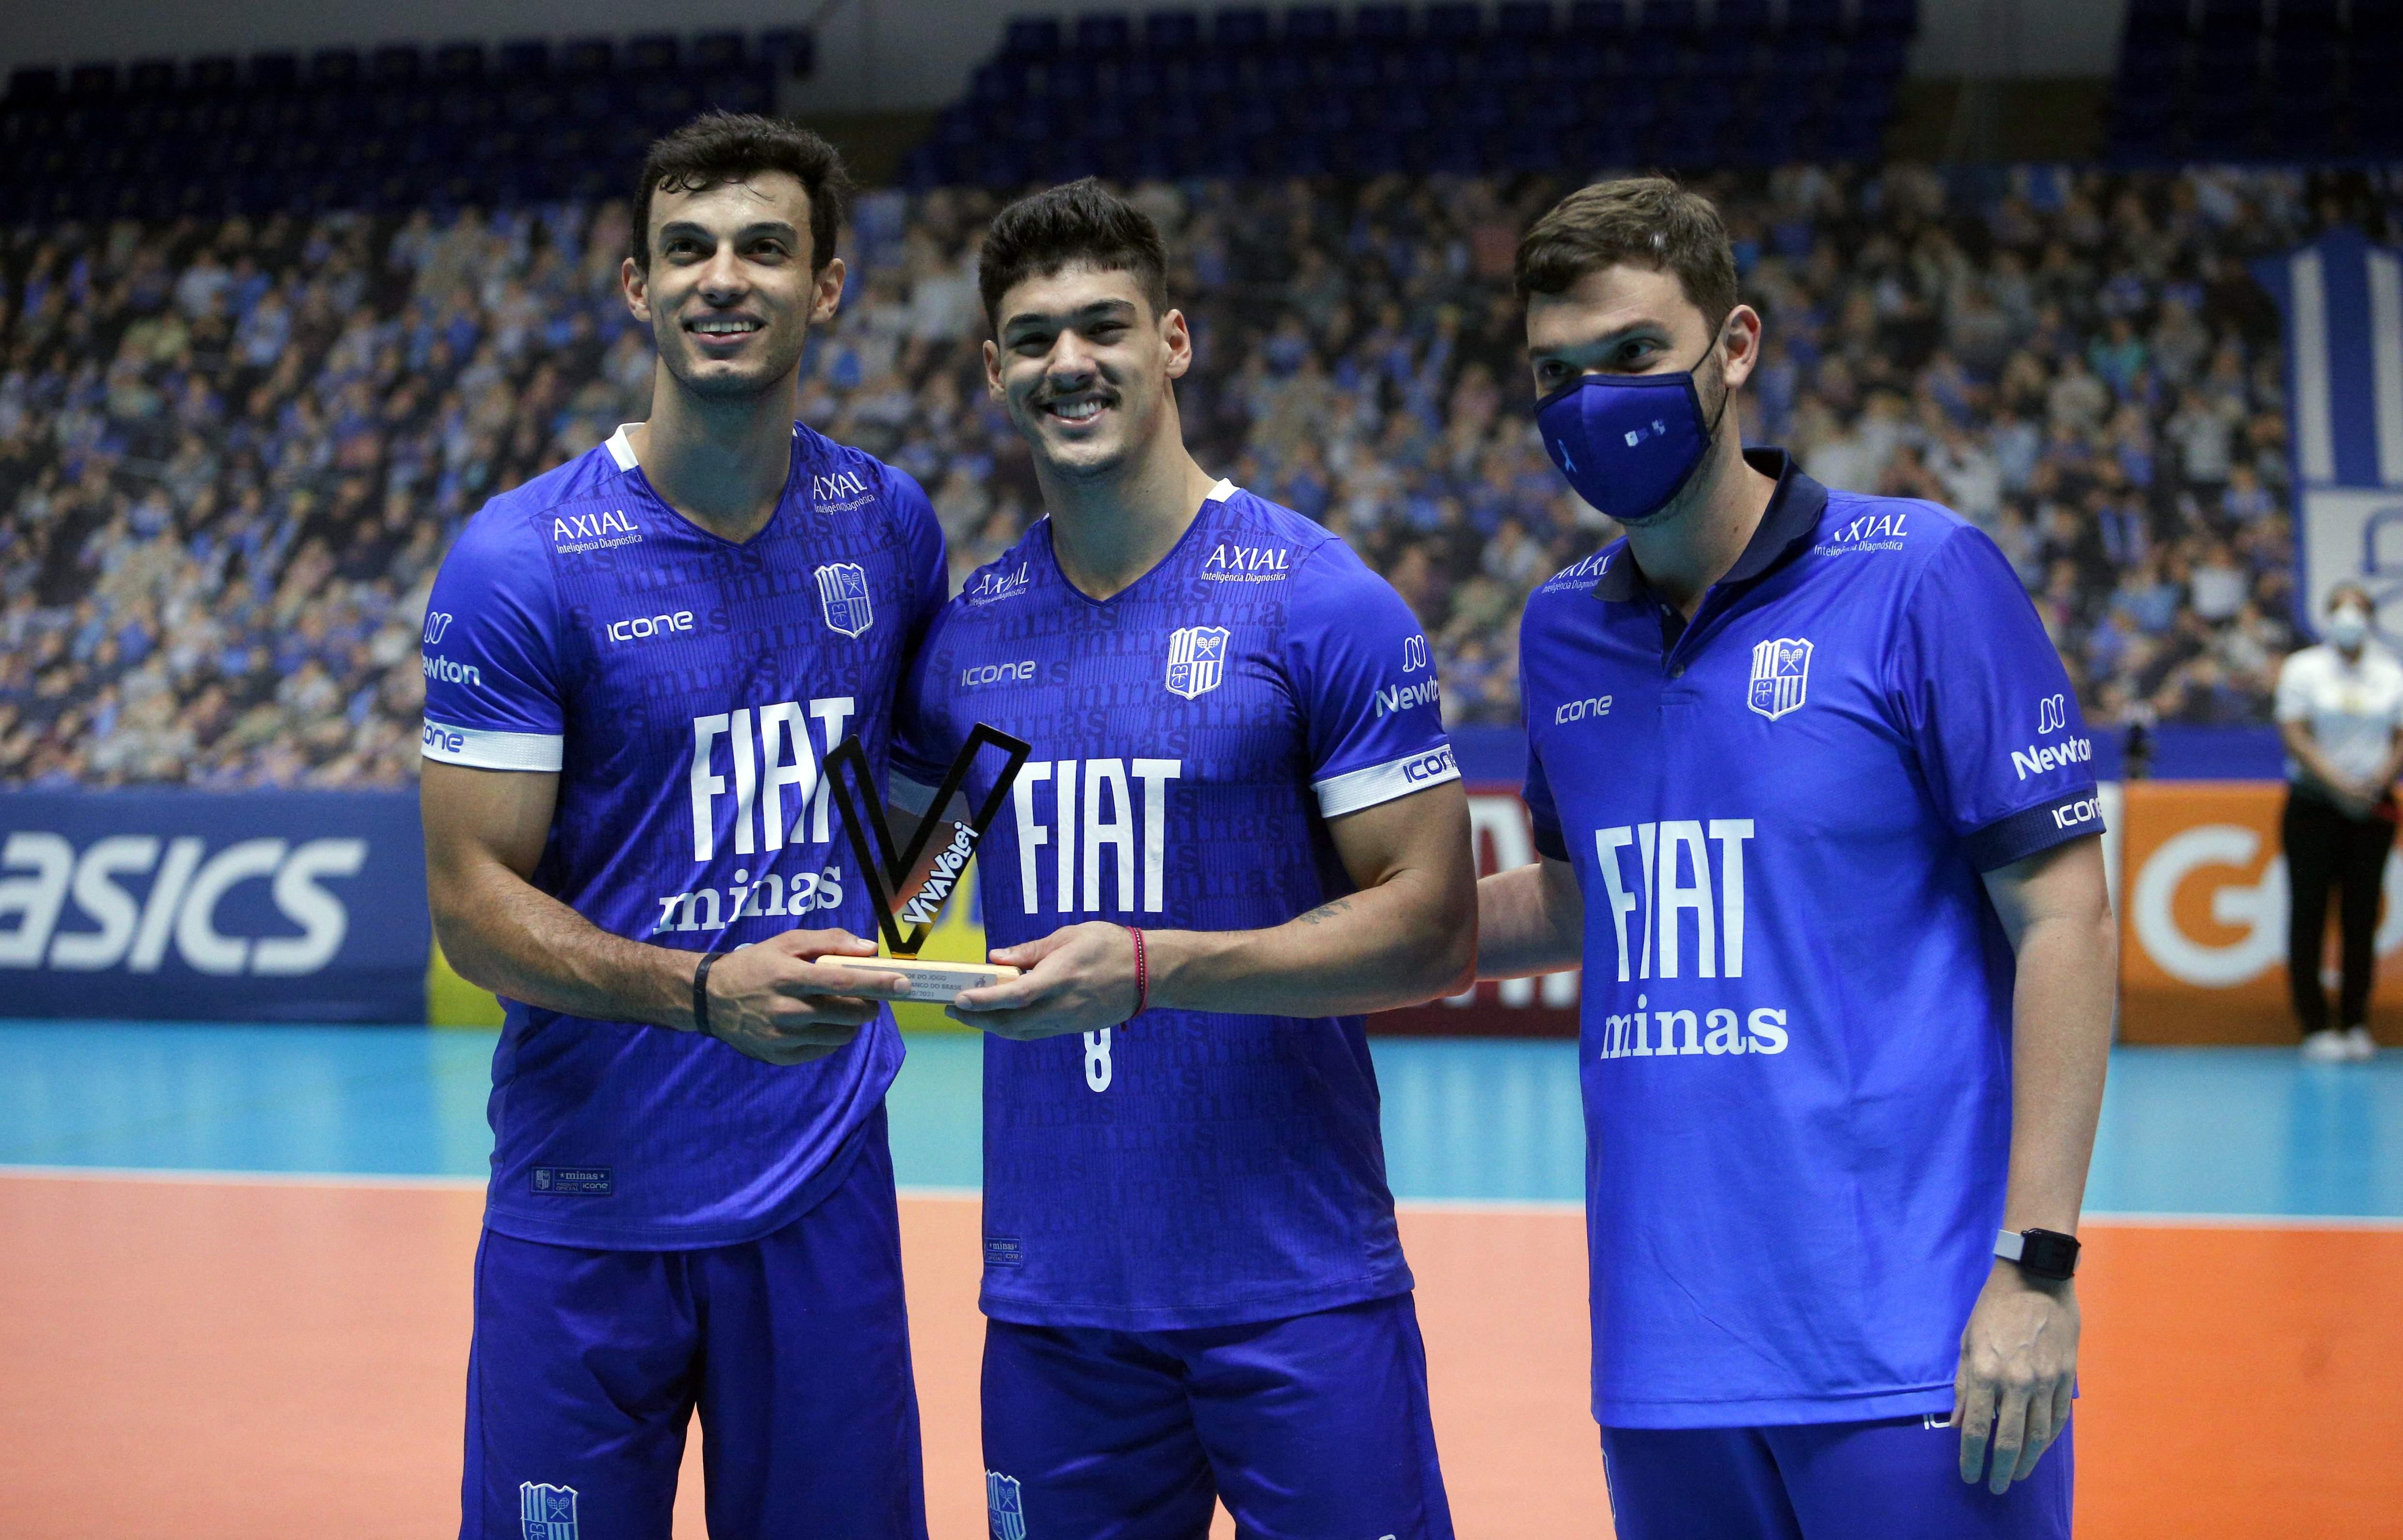 Lucas e Honorato receberam o Troféu Viva Vôlei do assistente técnico Rodrigo Regattieri / Foto: Orlando Bento/MTC